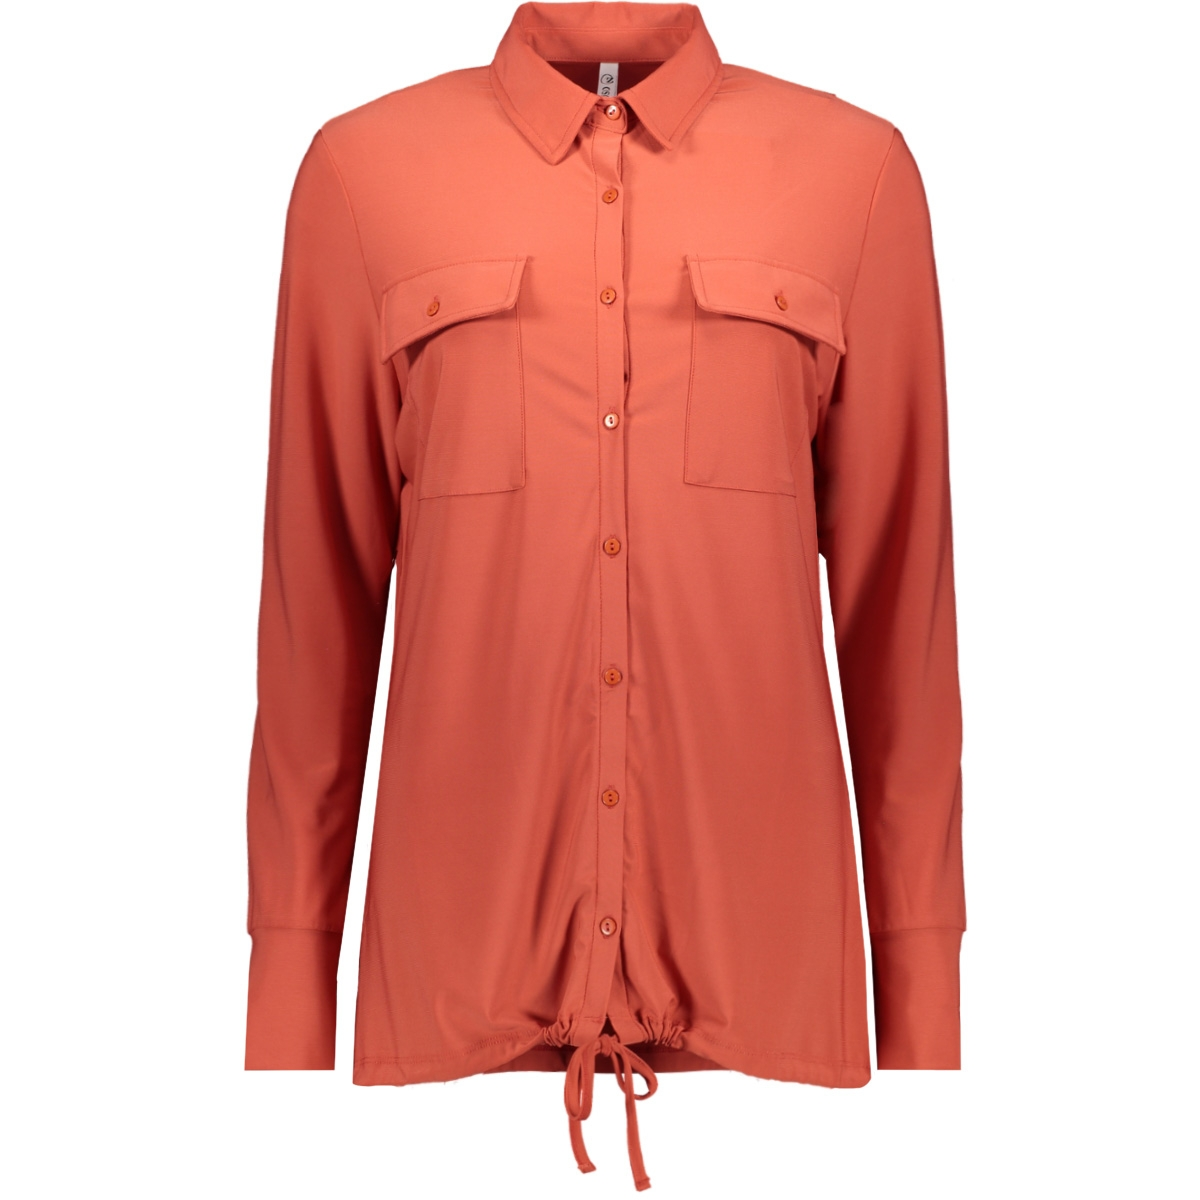 amelie spelndour blouse 201 zoso blouse 0072 desert red